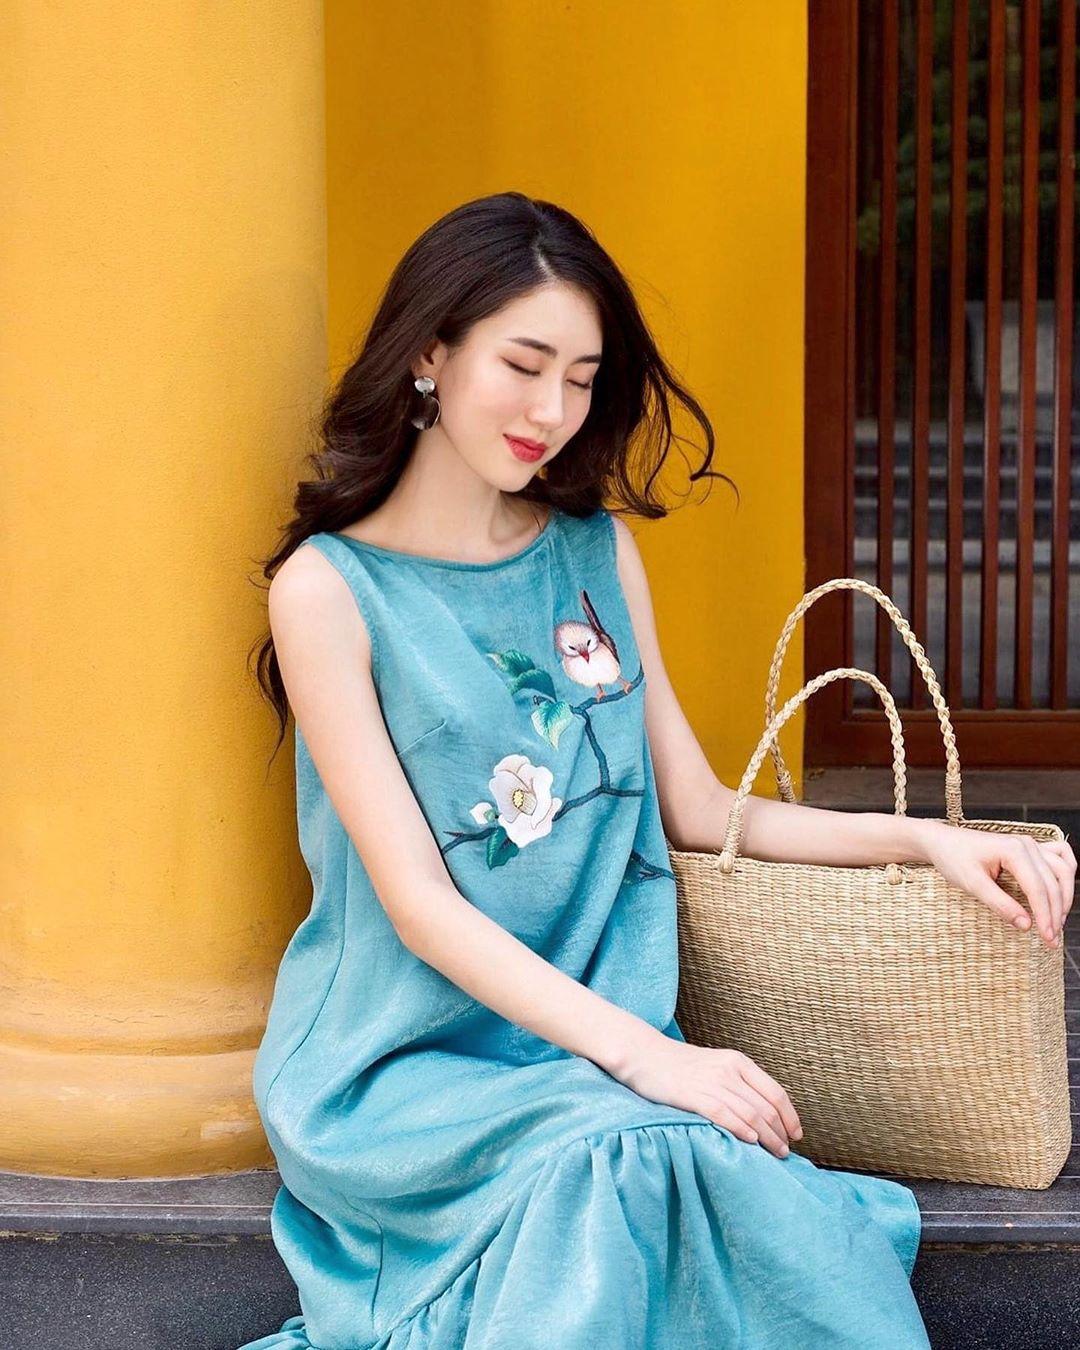 túi tote đan cói mùa hè đầm thêu hoa xanh